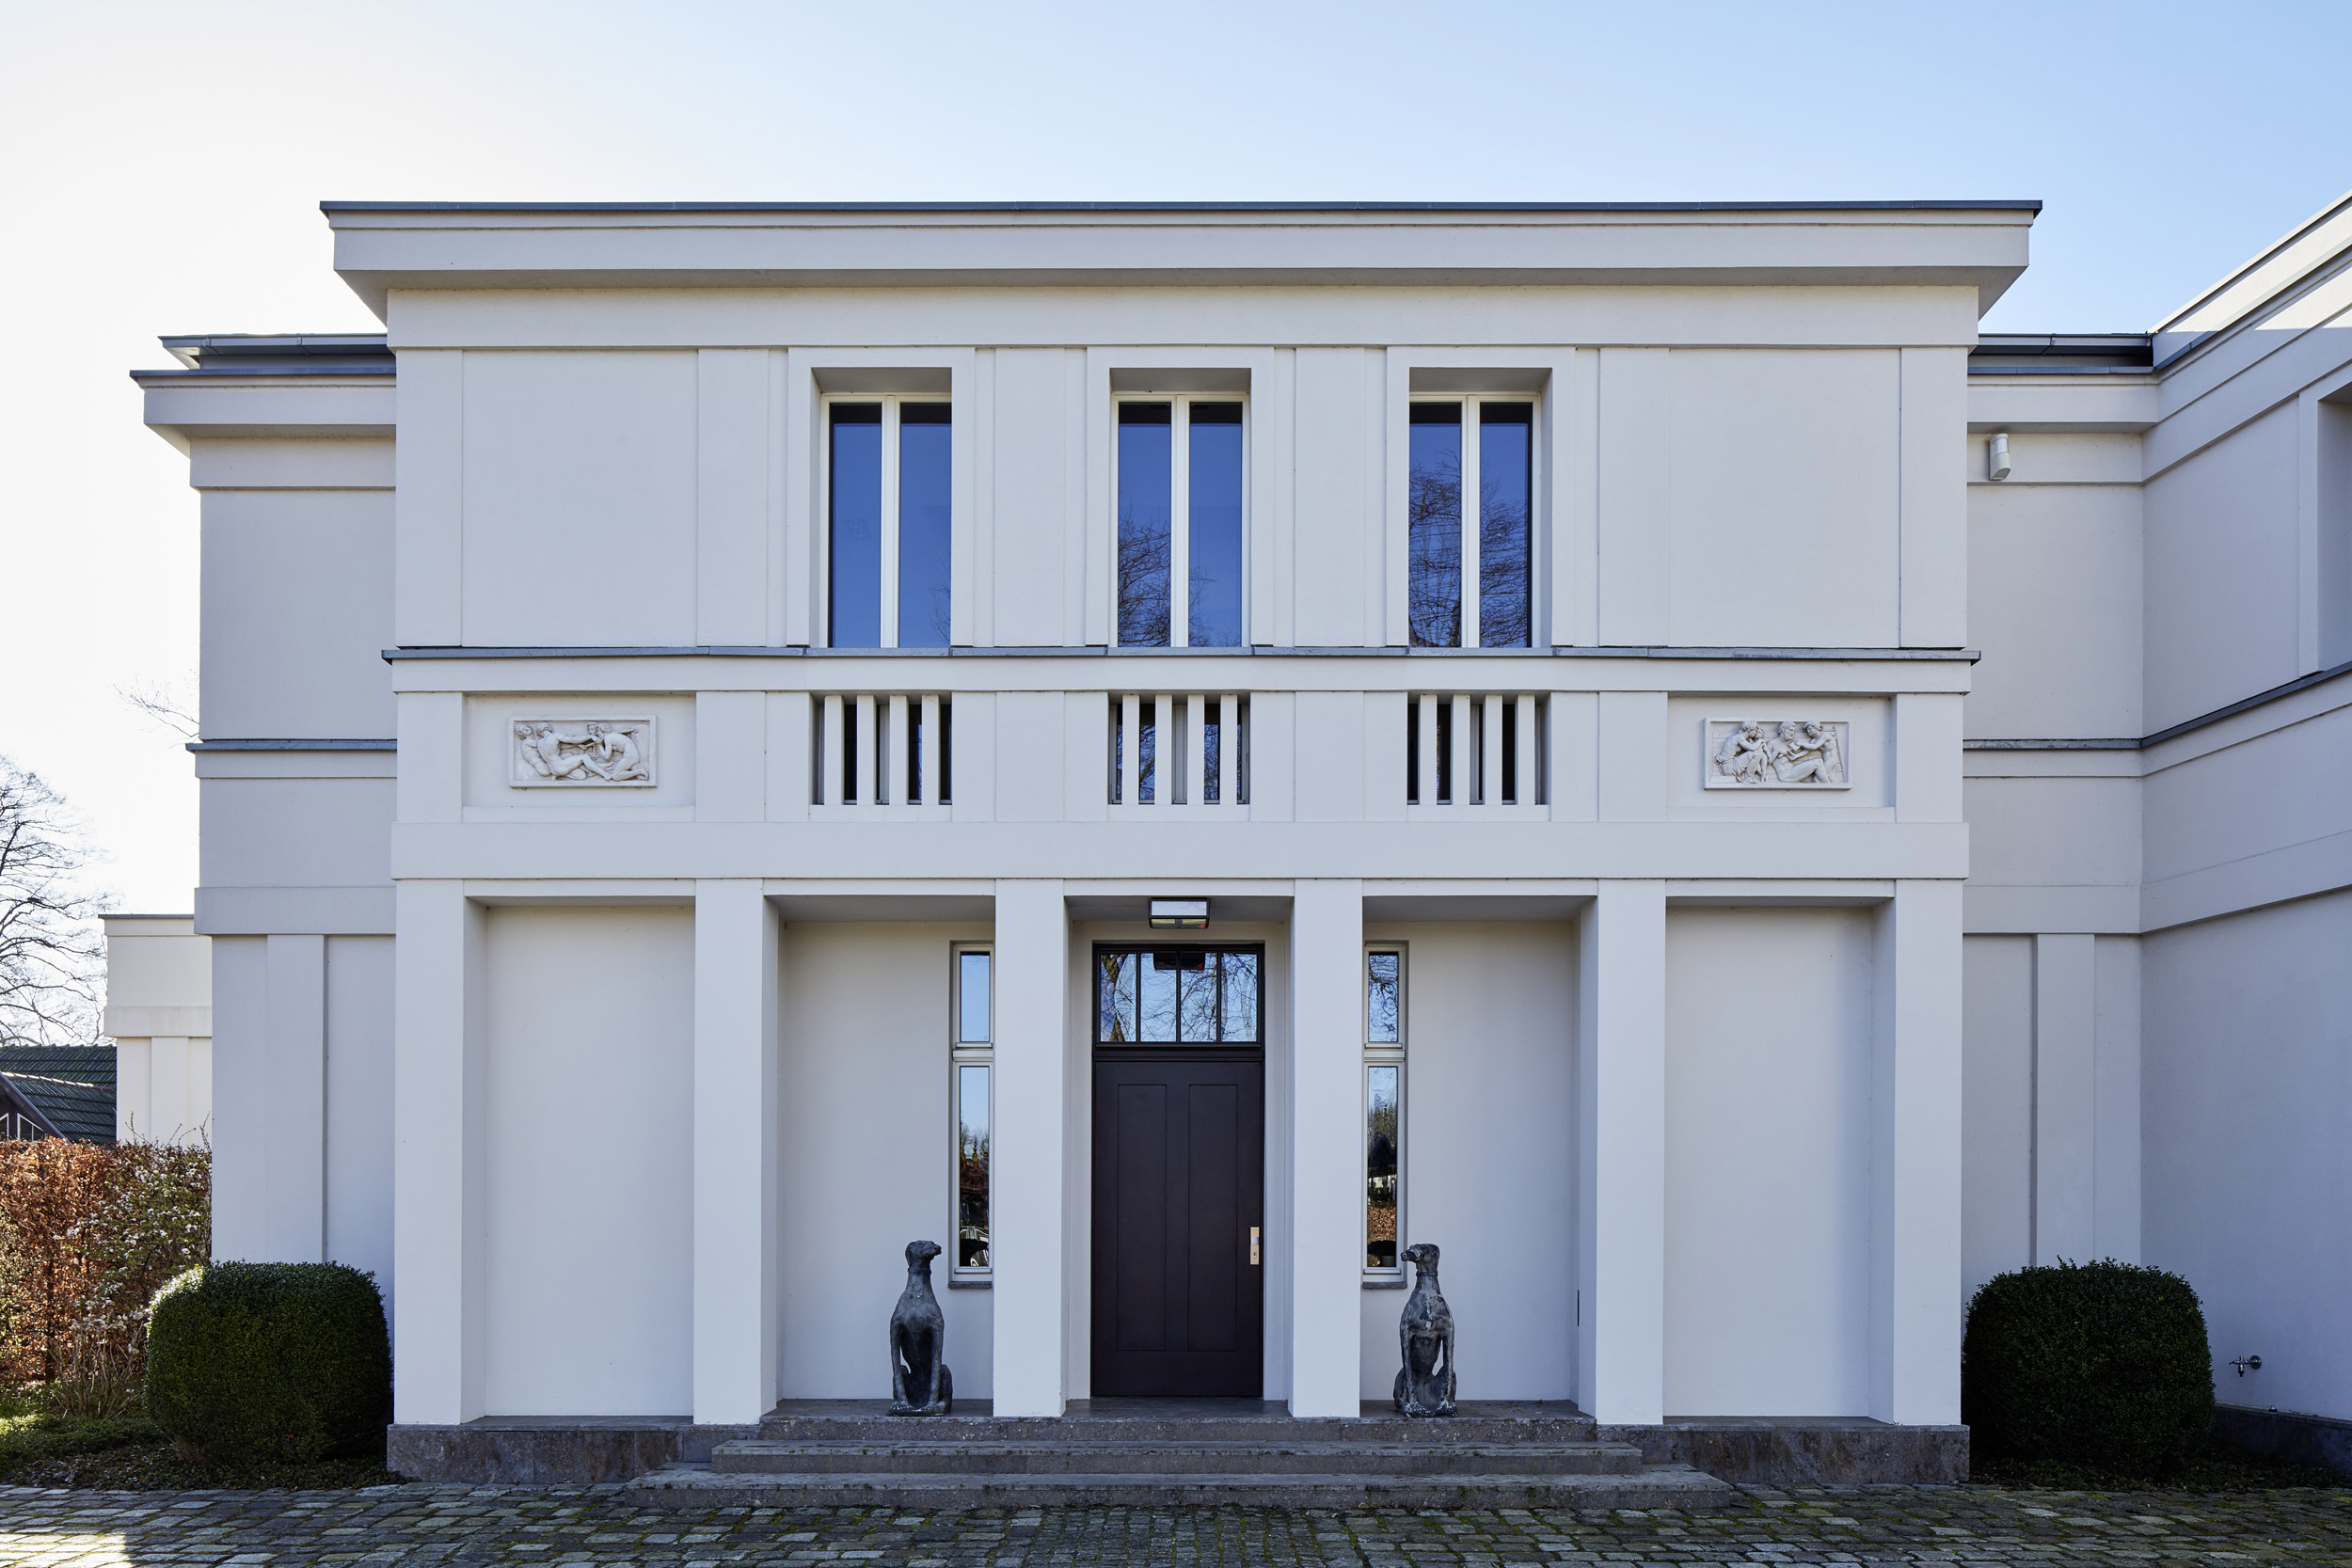 Neubau einer Villa in klassisch-traditioneller Architektursprache am See - Das Hauptportal der Villa mit Reliefs von Schinkels Bauakademie